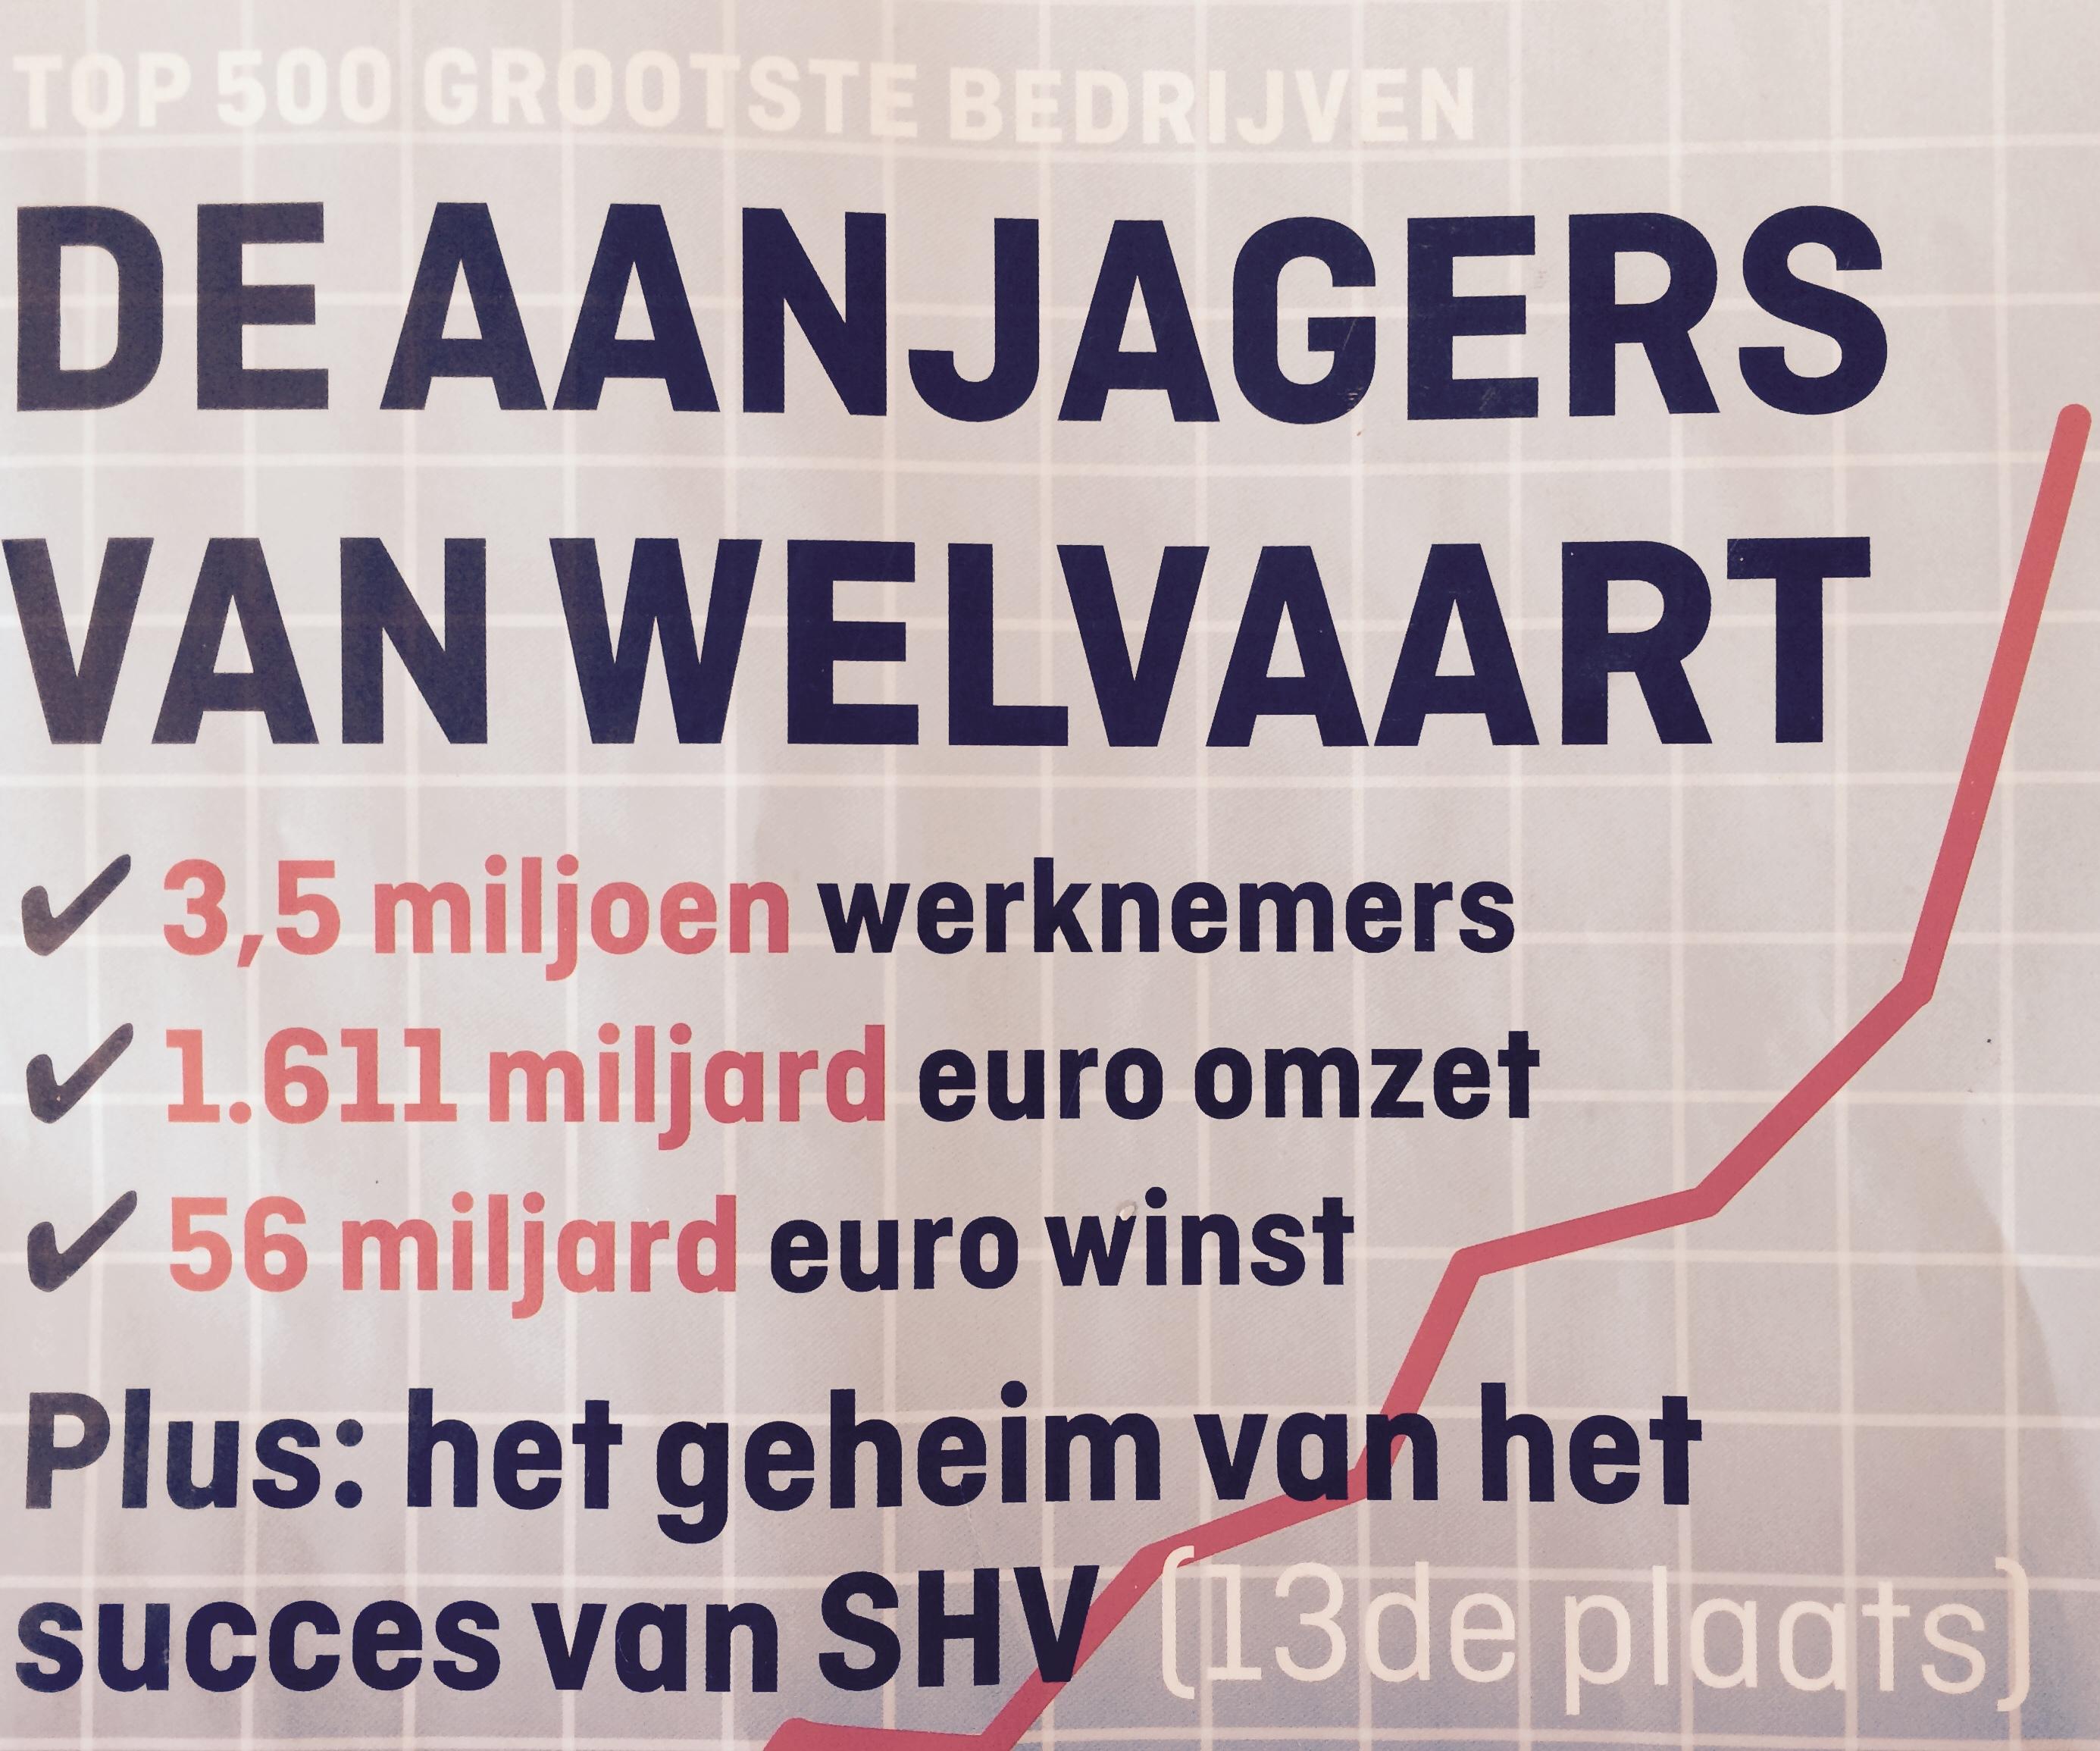 Top 500 Grootste Bedrijven van Nederland (Bron: Elsevier)